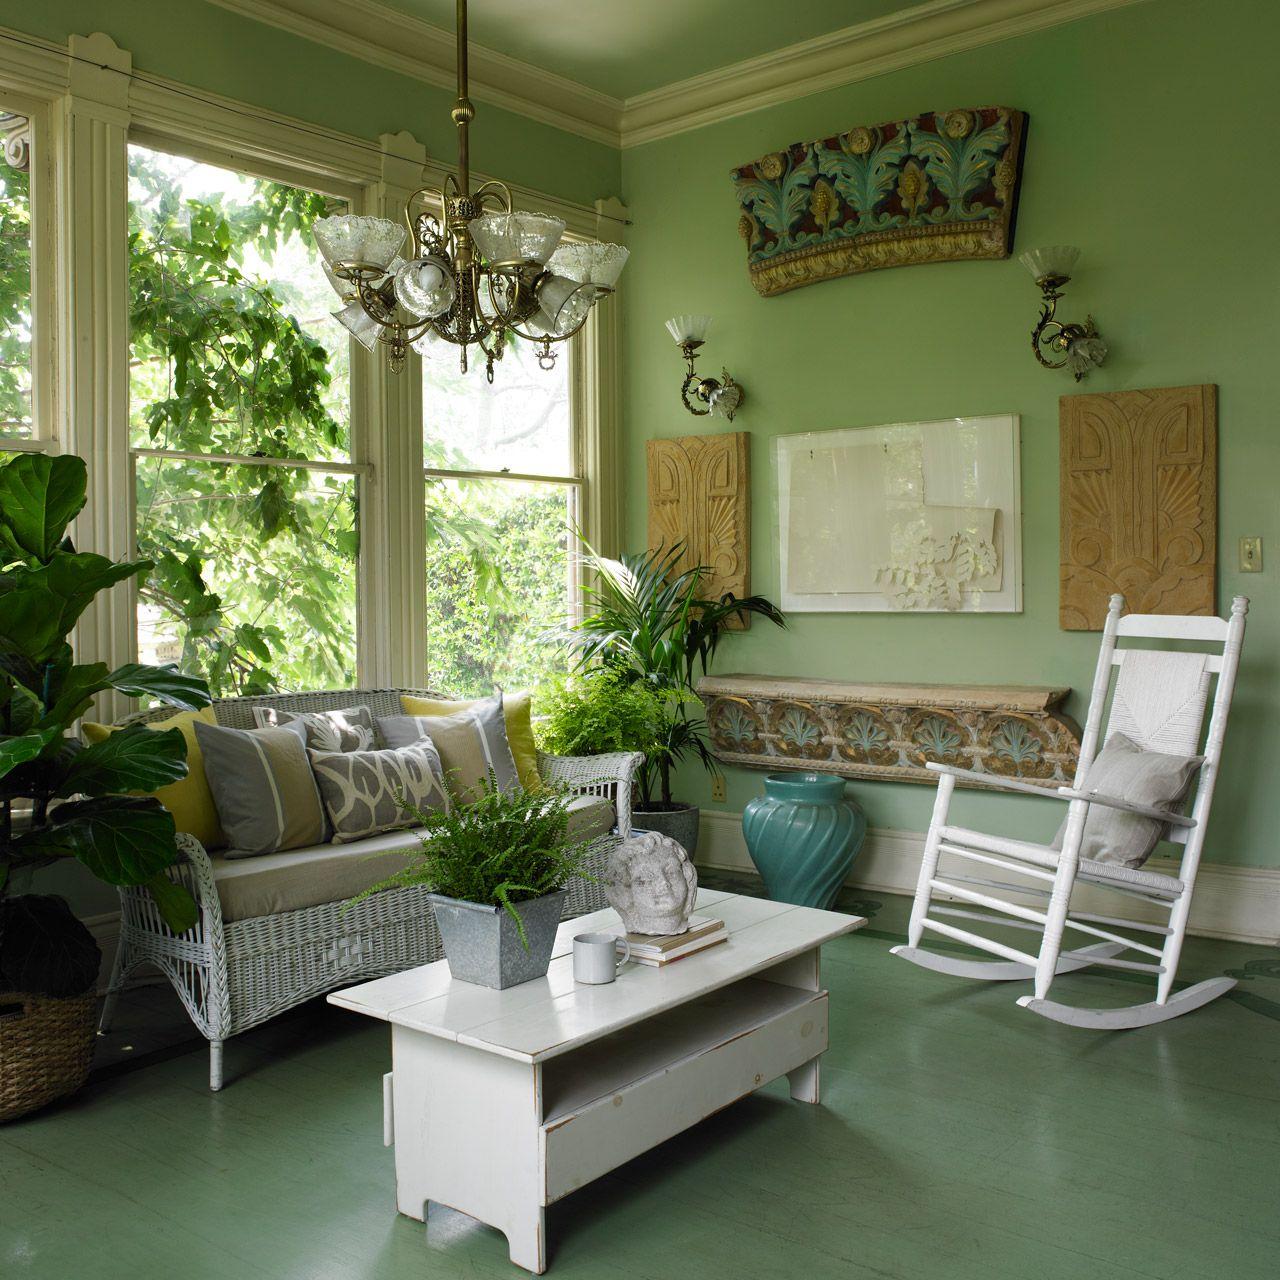 Green Accent Light On Wall: Dunn-Edwards Paints Paint Colors: Walls: Soft Moss DE5610